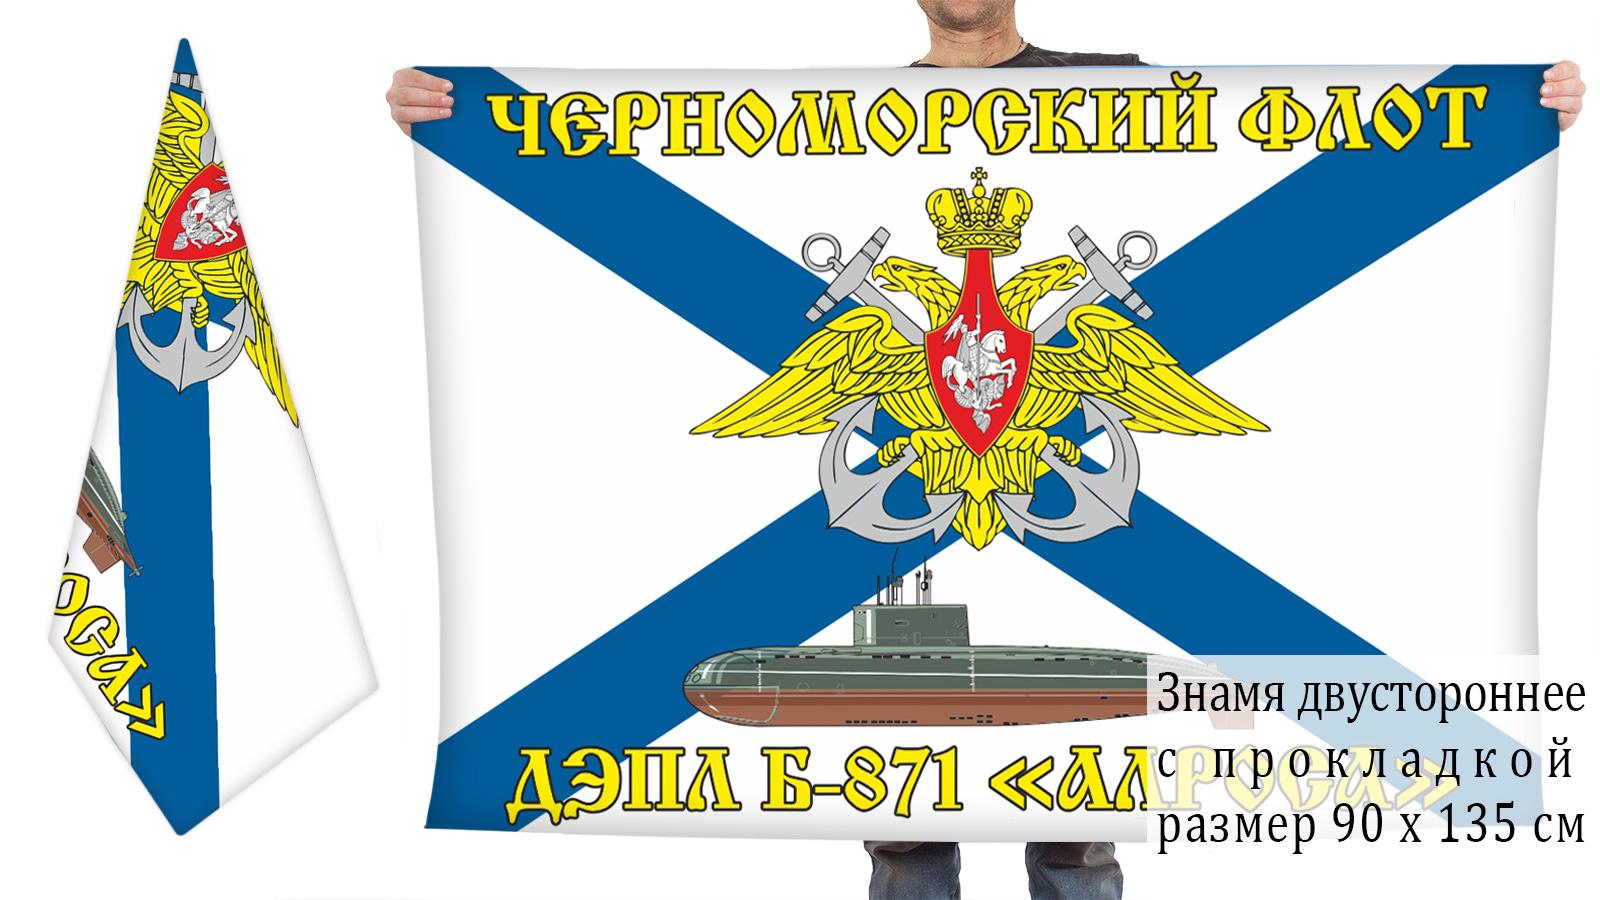 Заказать флаг Б-871 Алроса Черноморский флот